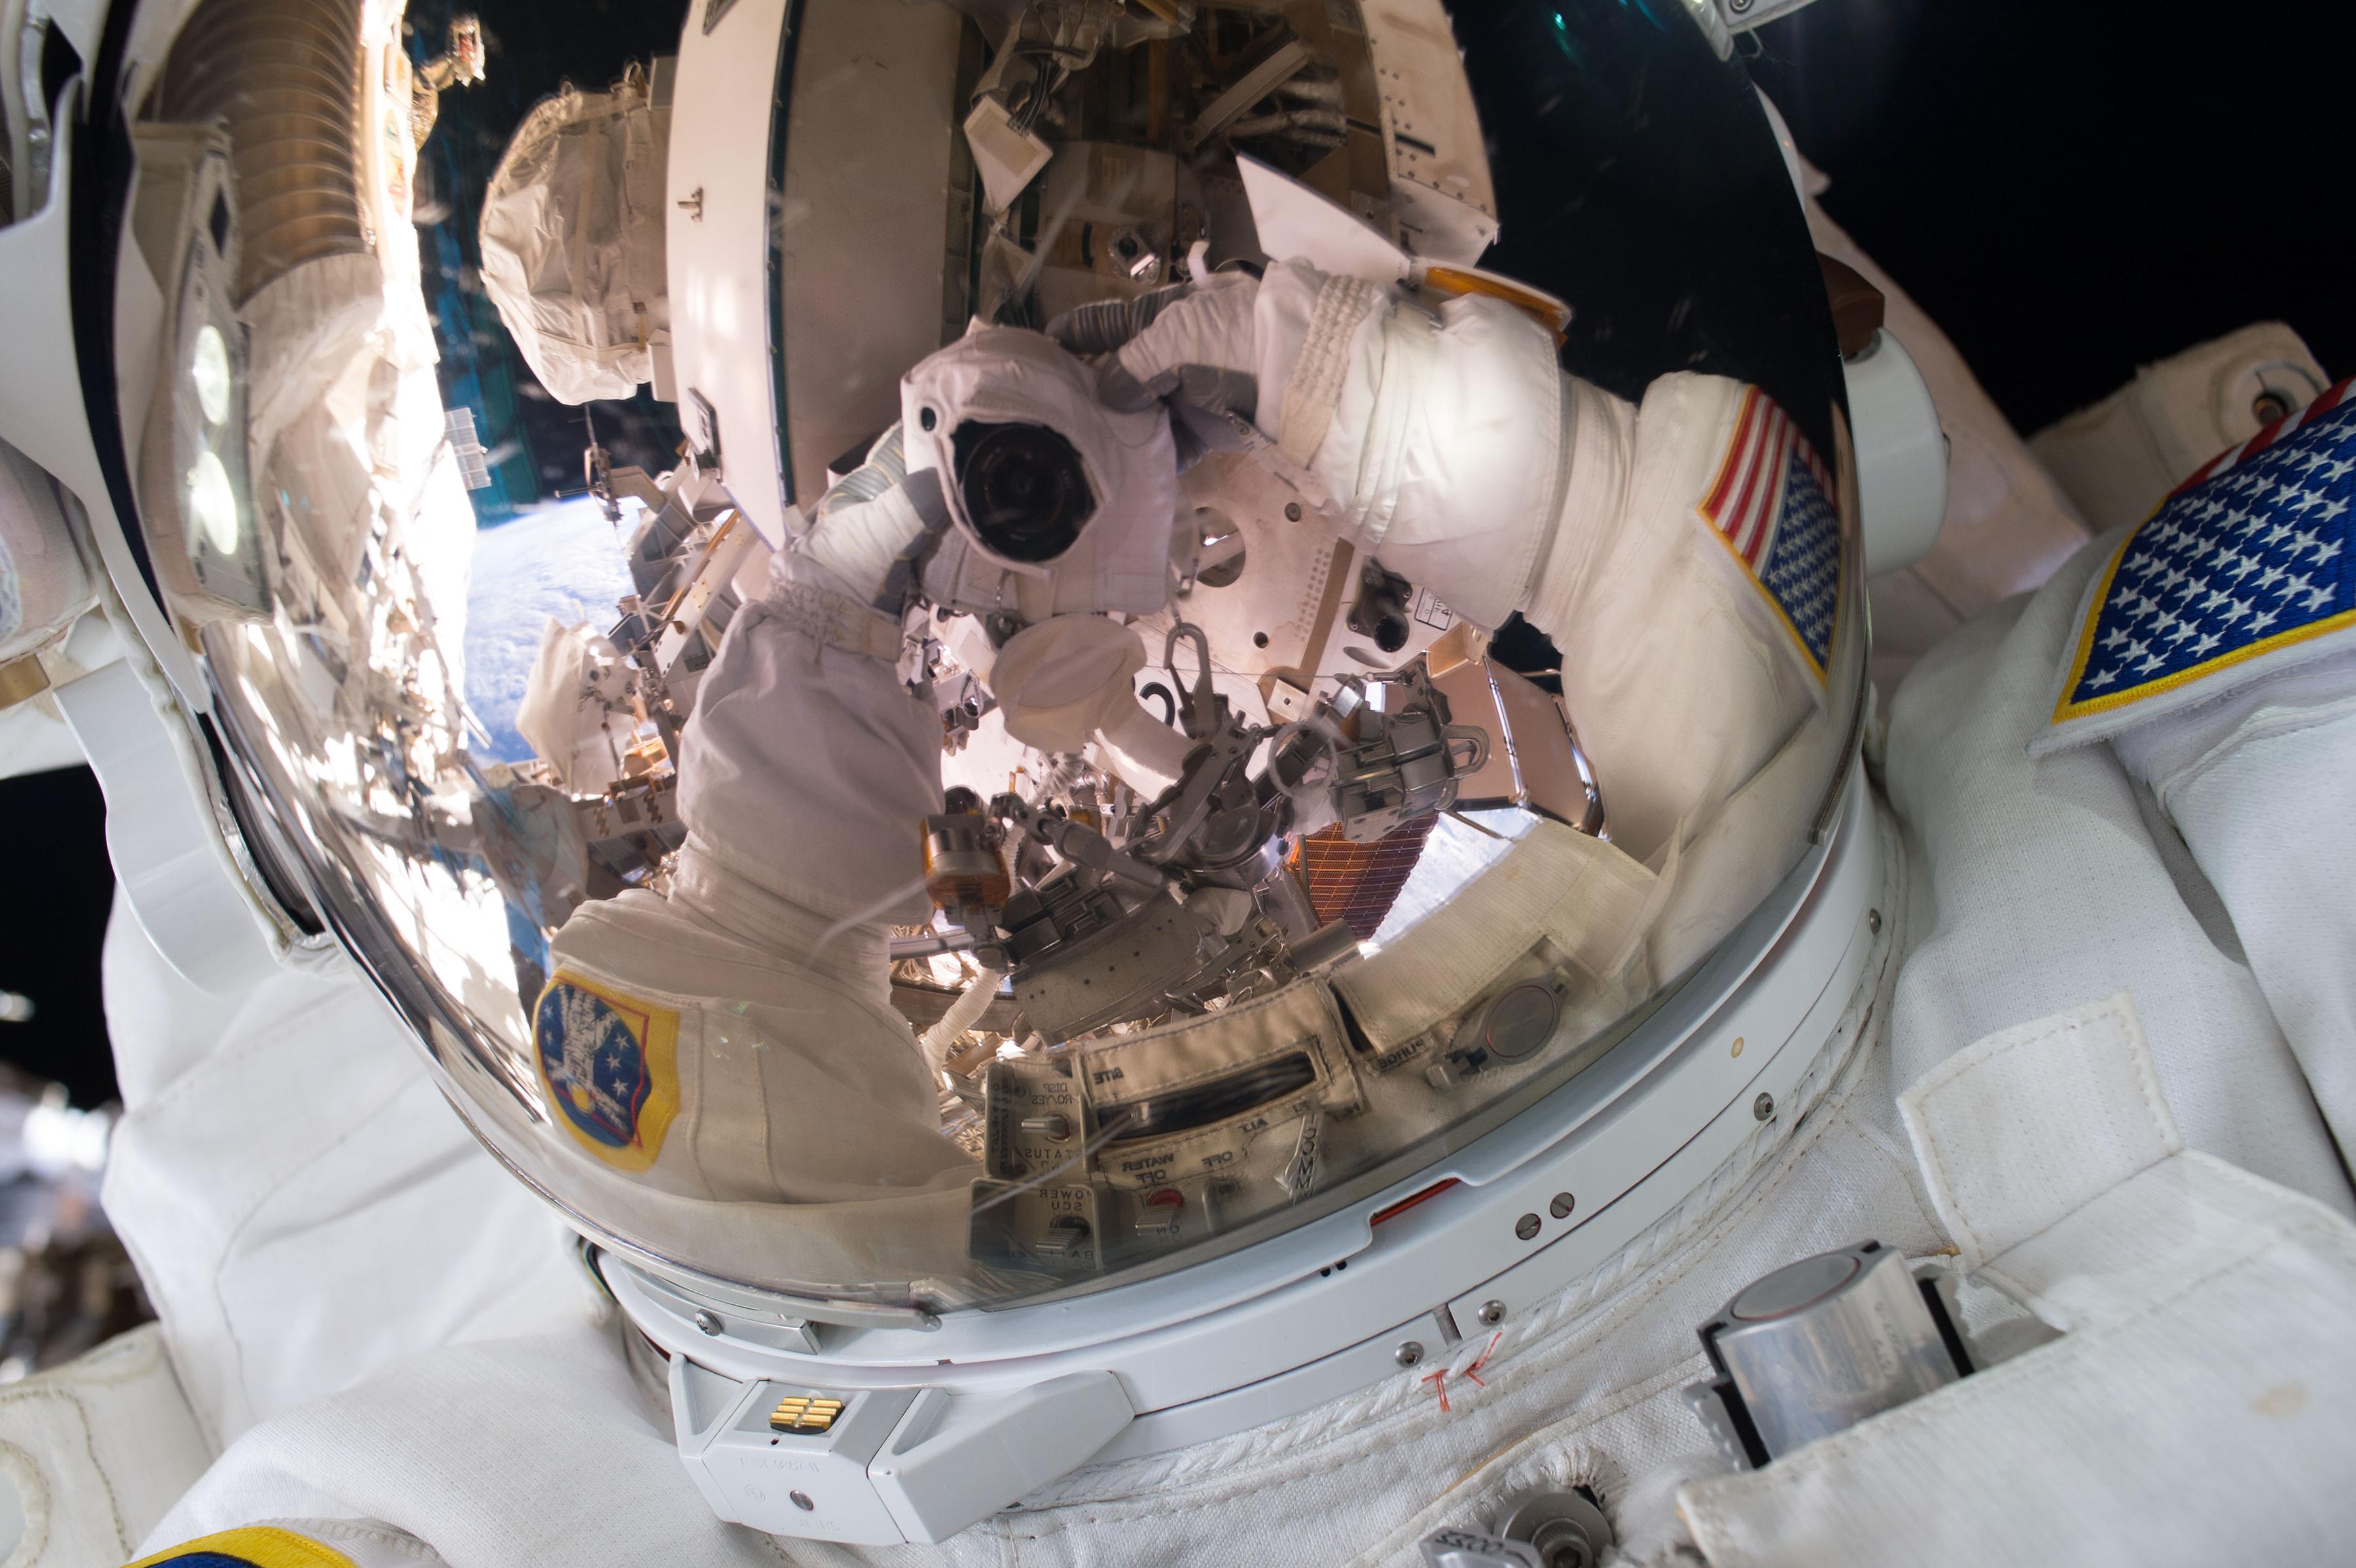 Scott Kelly tomándose una selfie en2015 (Scott Kelly/NASA via The New York Times)